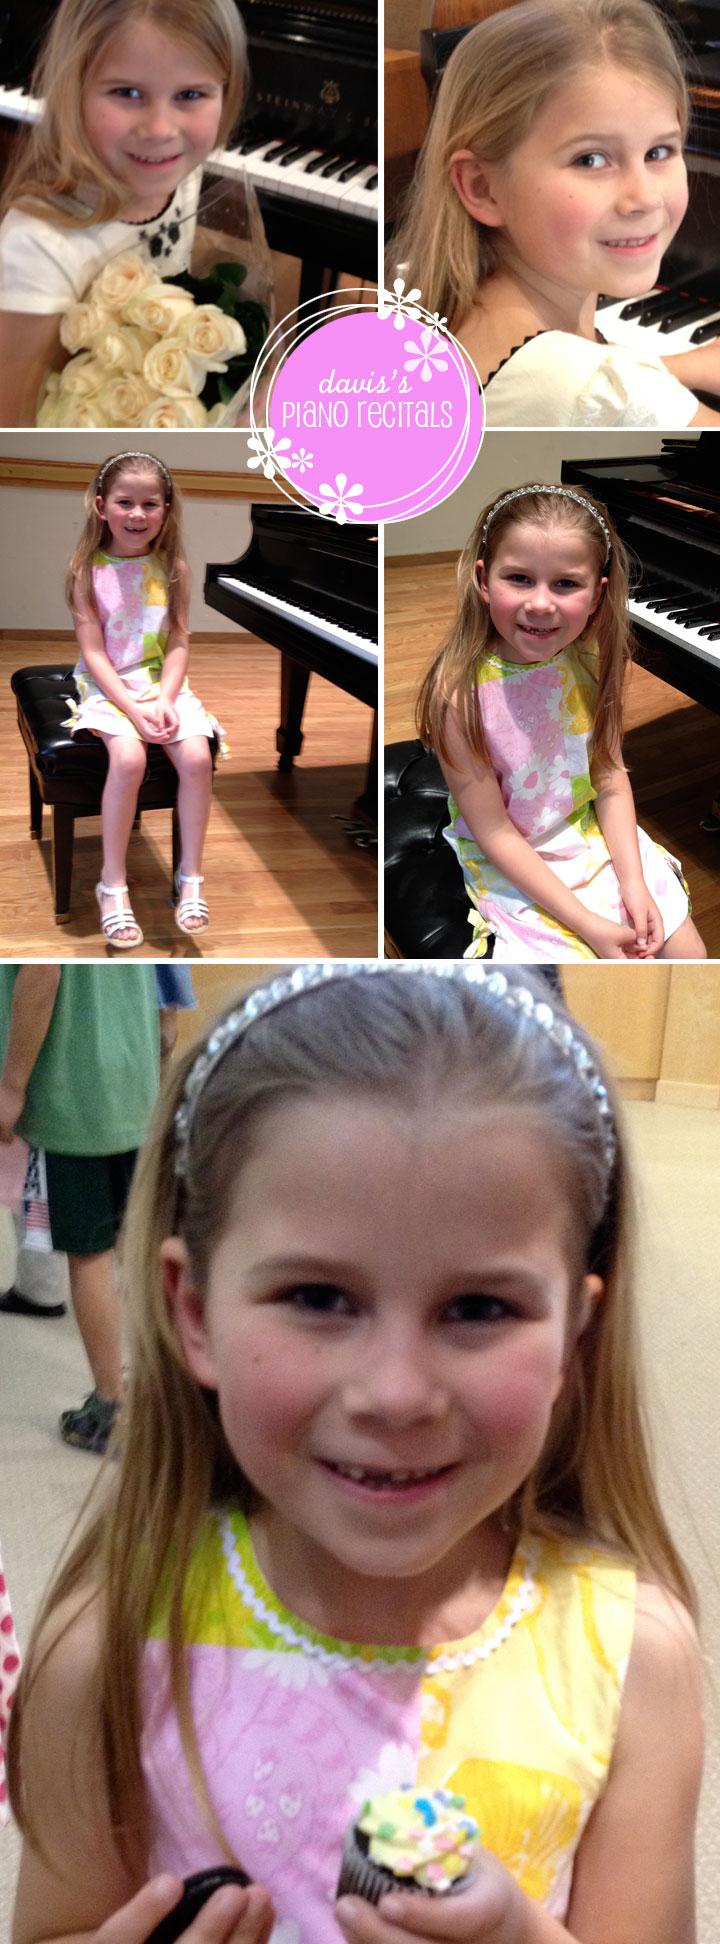 Davis.PianoRecitals